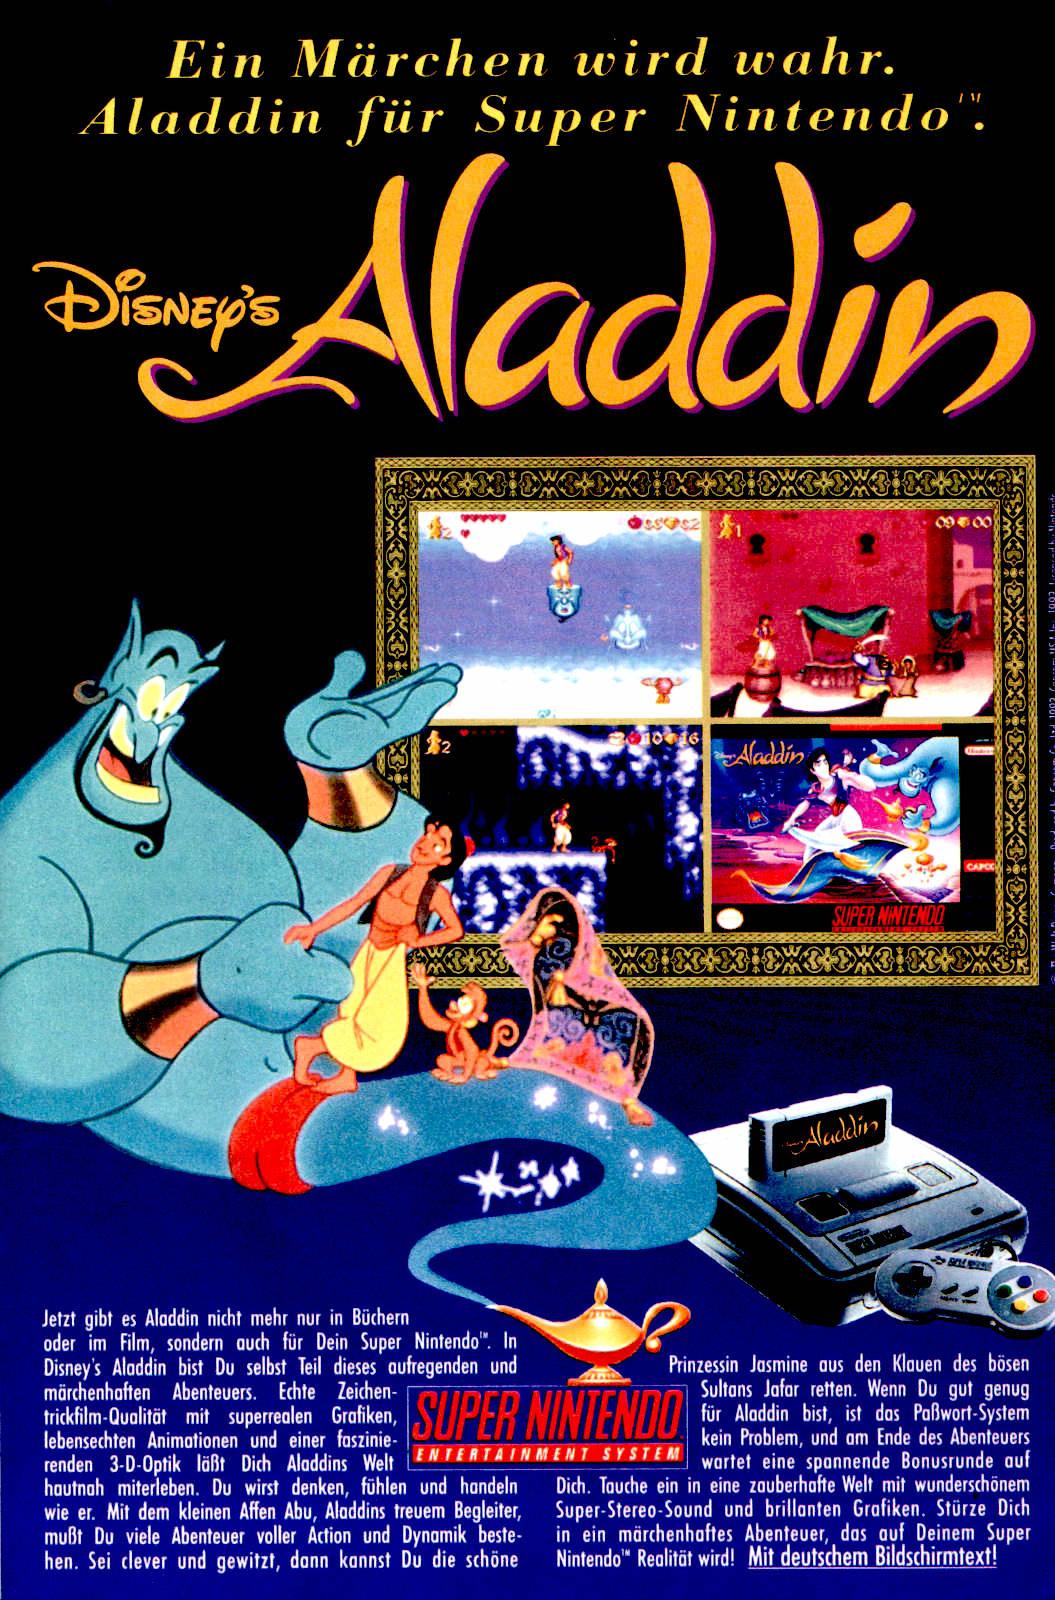 Werbeanzeige für Disney's Aladdin für das Super Nintendo. Micky Maus Magazin, Ausgabe Nr. 46 vom 11.11.1993. (Bildrechte: Egmont Ehapa Media GmbH)